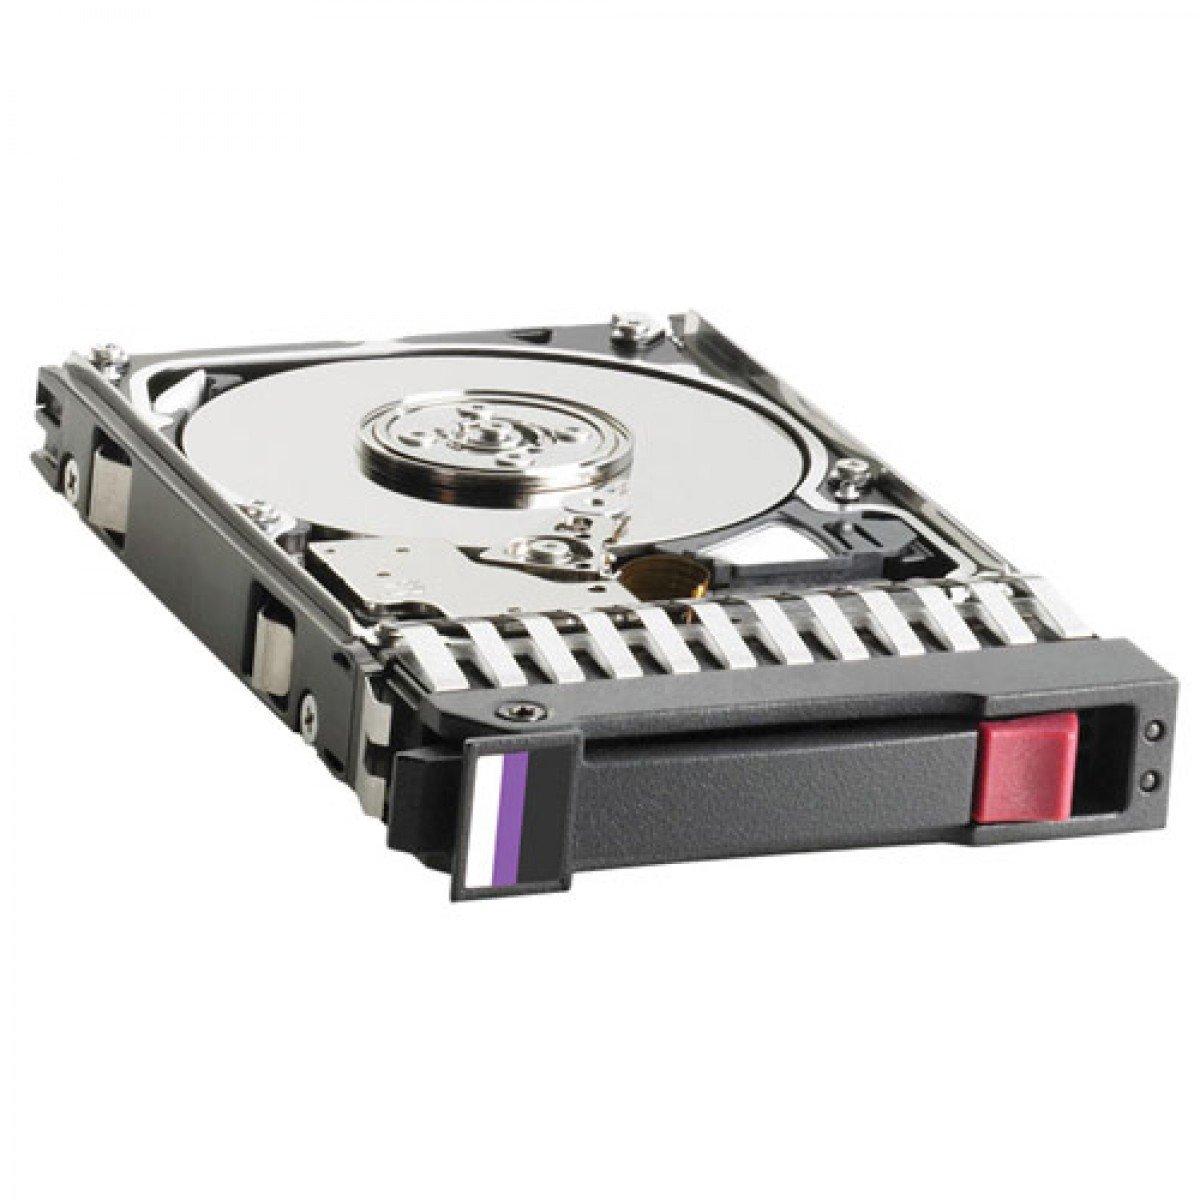 HP 900GB 6G SAS 10K RPM SFF SC Enterprise 900 SAS 16 MB Cache 2.5-Inch Hard Drive, 652589-B21